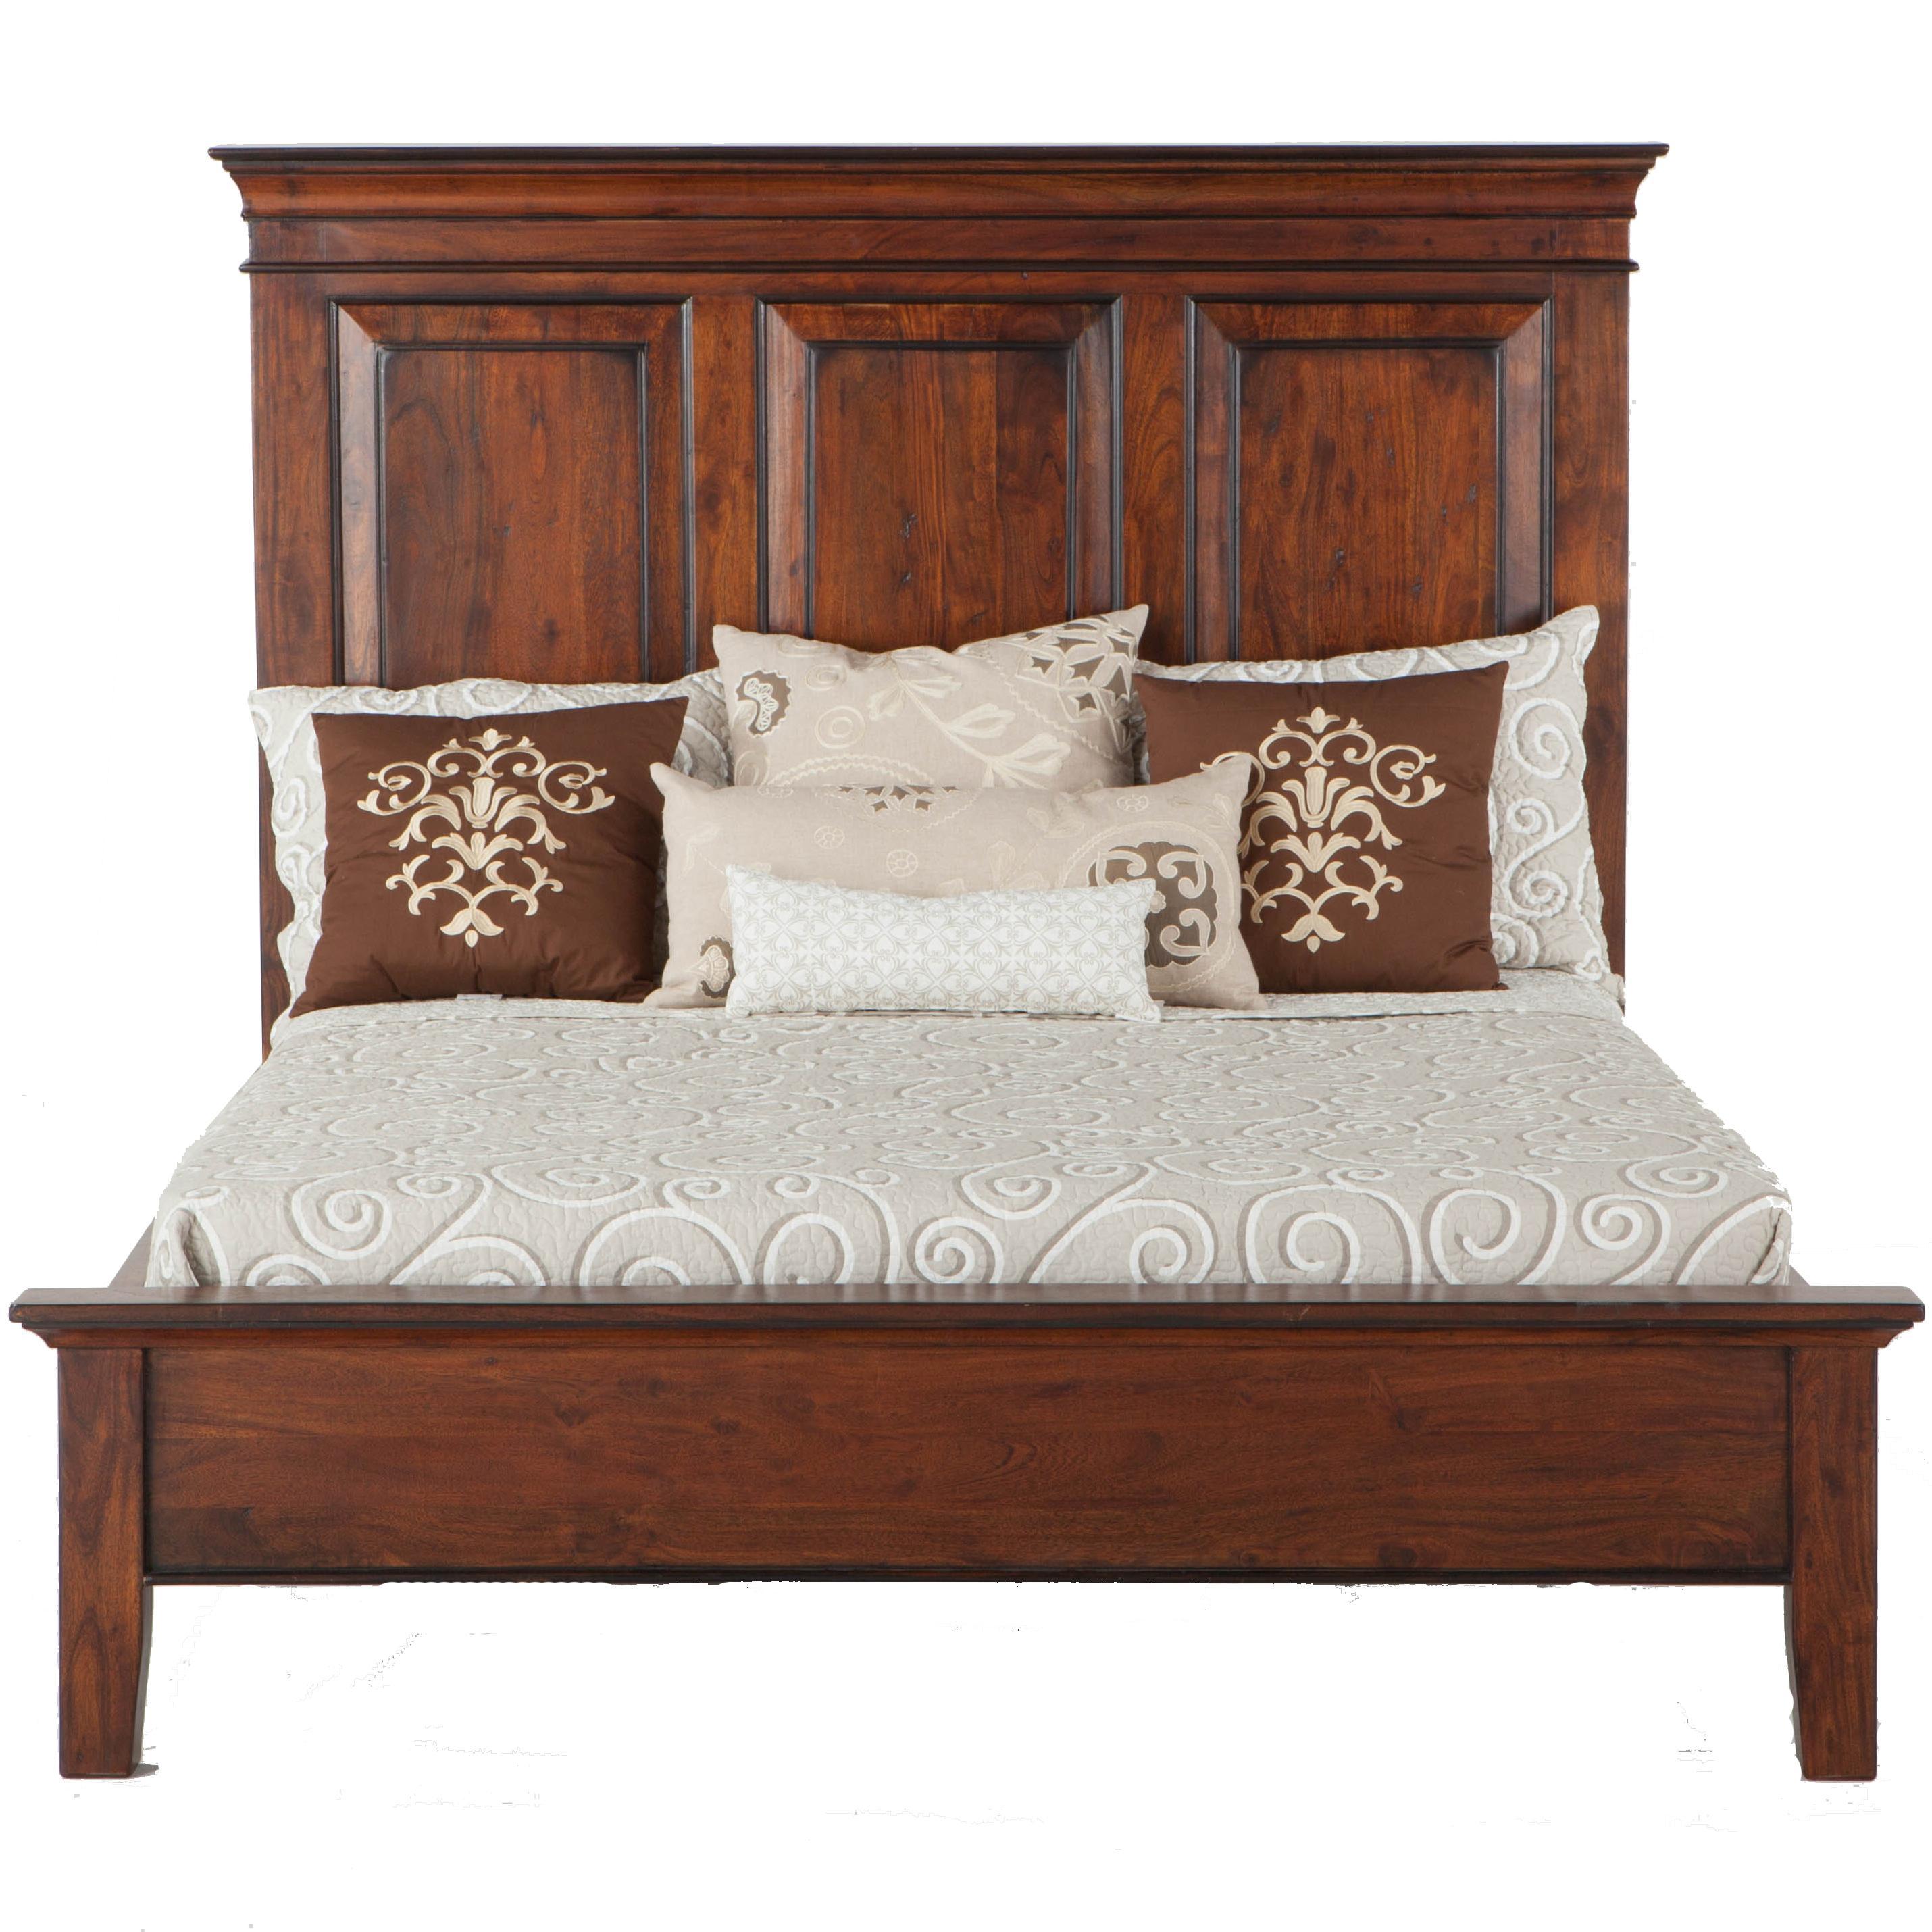 BeGlobal Timber Ridge King Panel Bed - Item Number: FTU-PBKP-F-H-R